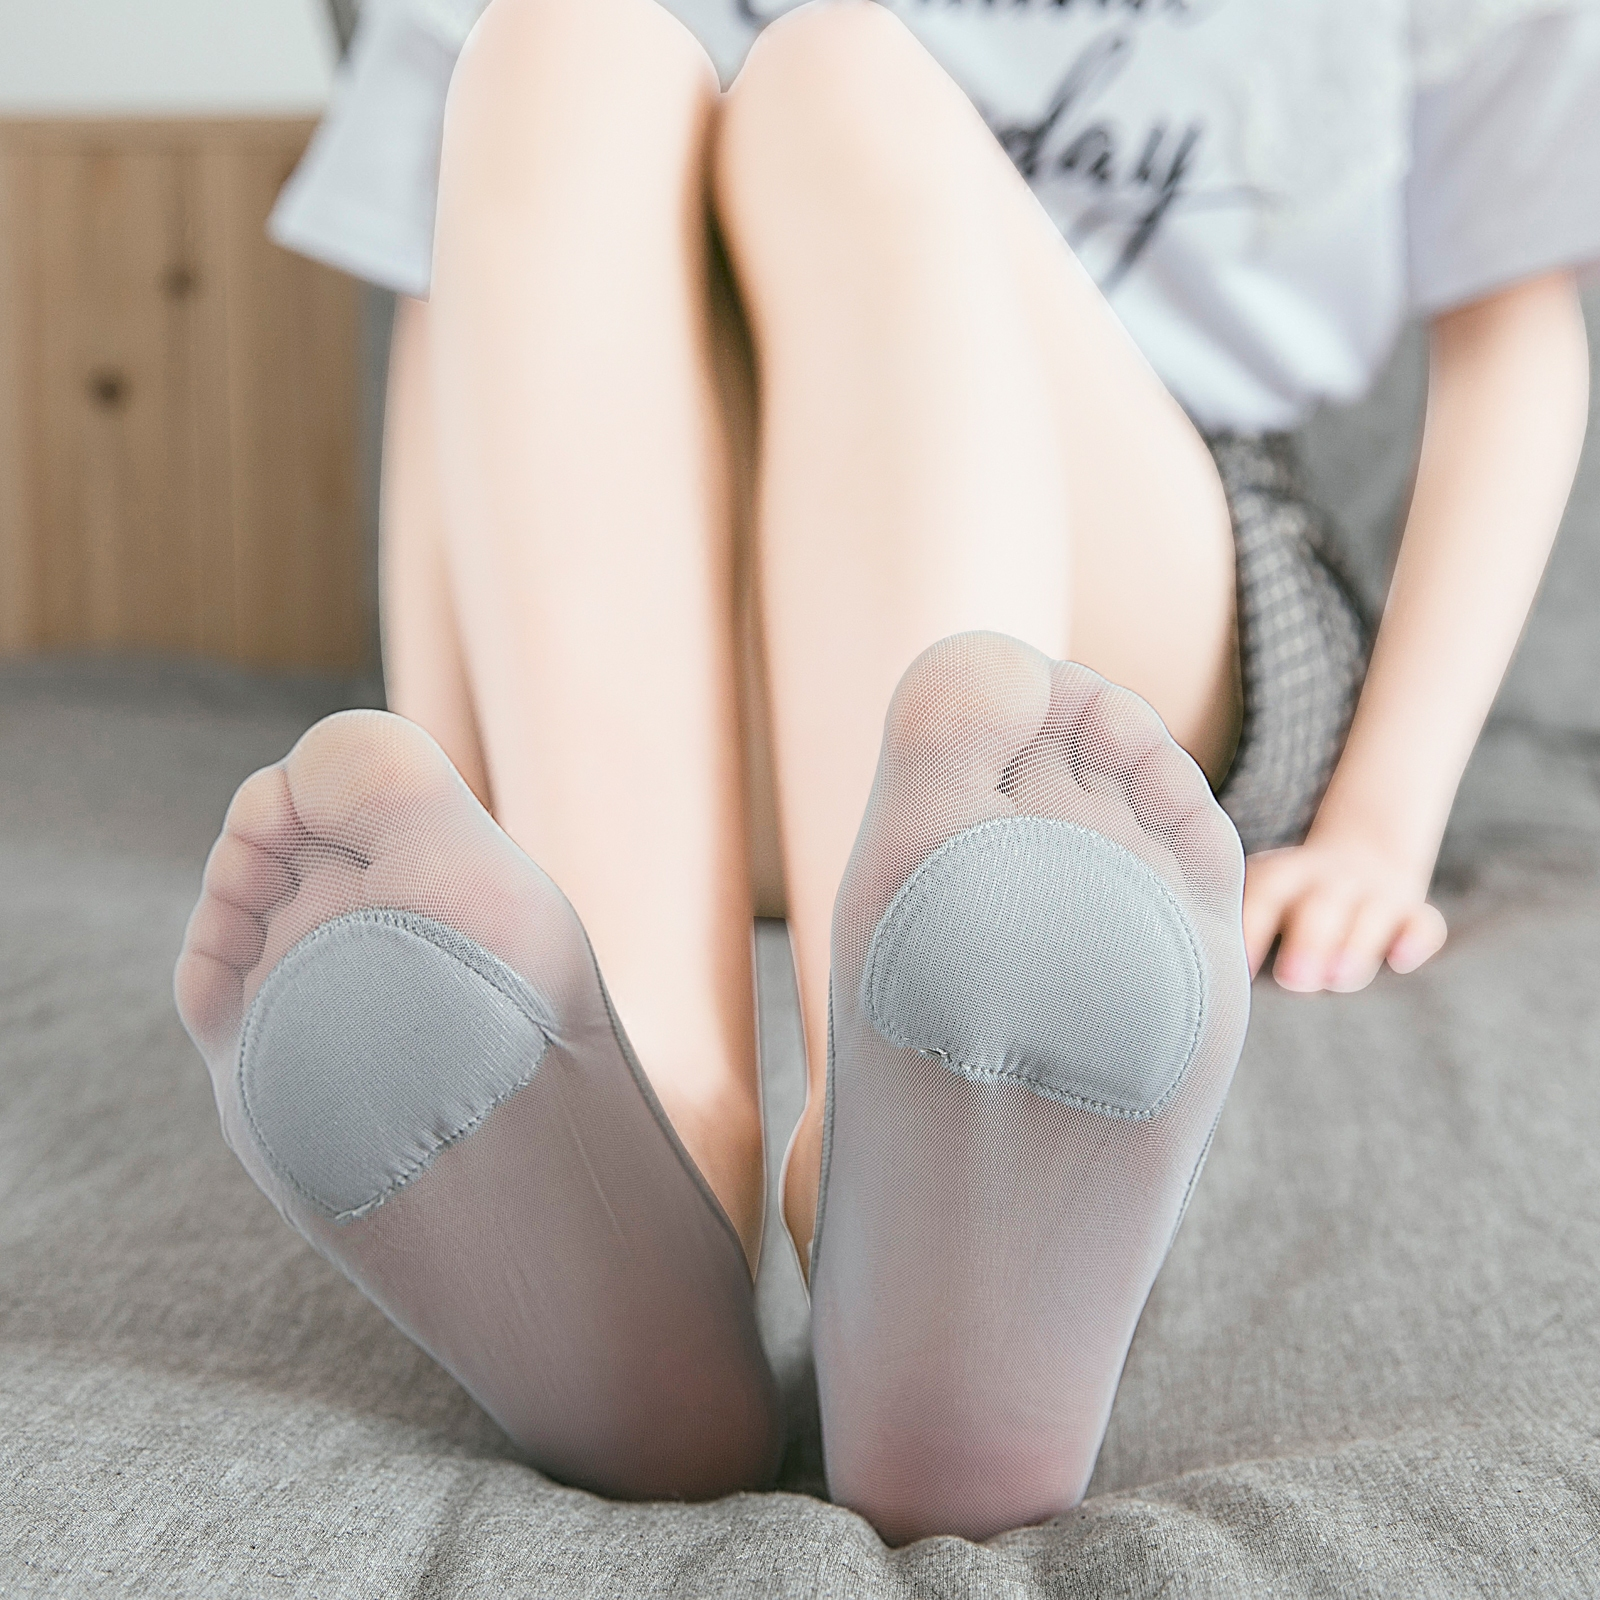 高跟鞋袜子女短袜浅口隐形夏季薄款冰丝女士船袜硅胶防滑透气夏天